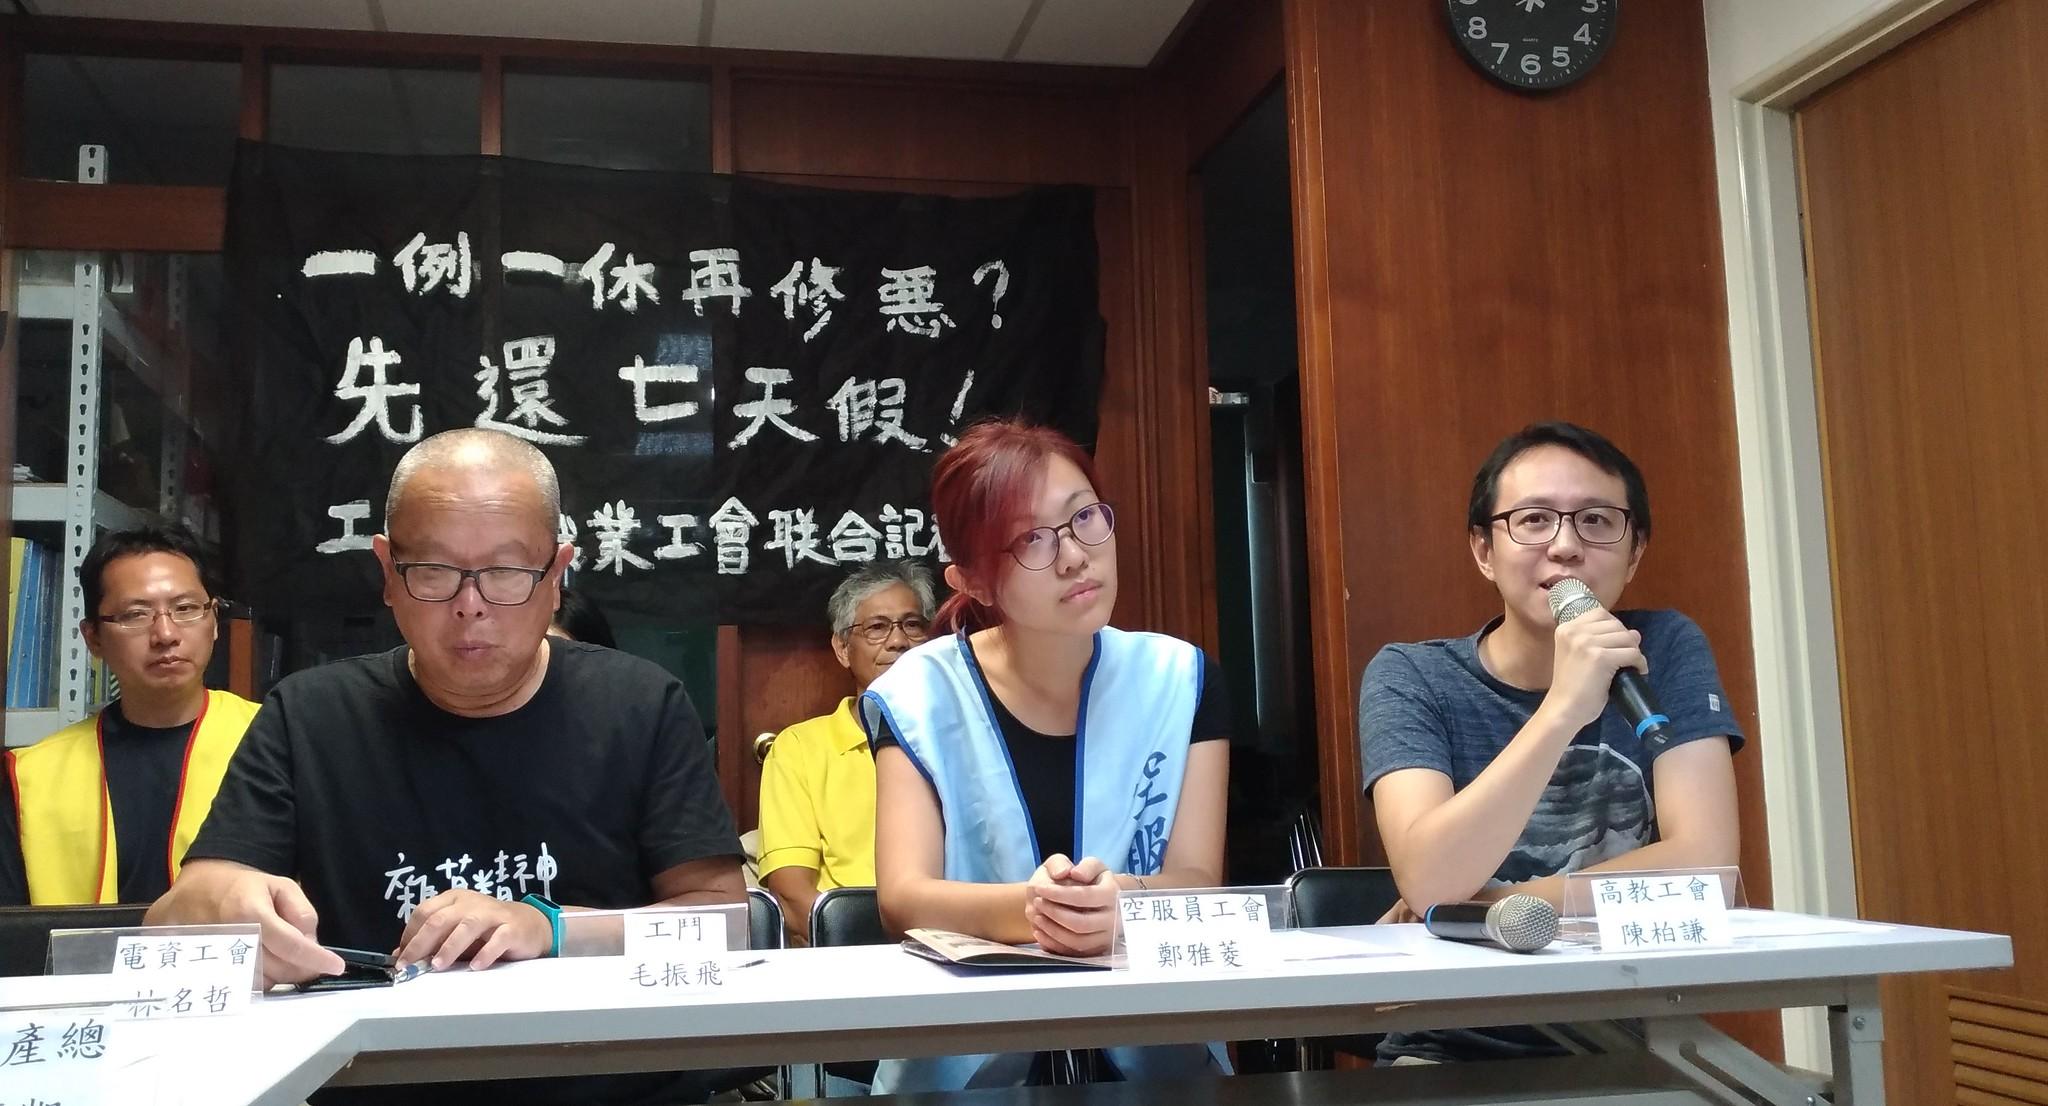 工鬥、產職業工會等勞工團體召開記者會,要求民進黨政府在修惡一例一休前,先歸還去年砍去的七天國定假日。(攝影:曾福全)